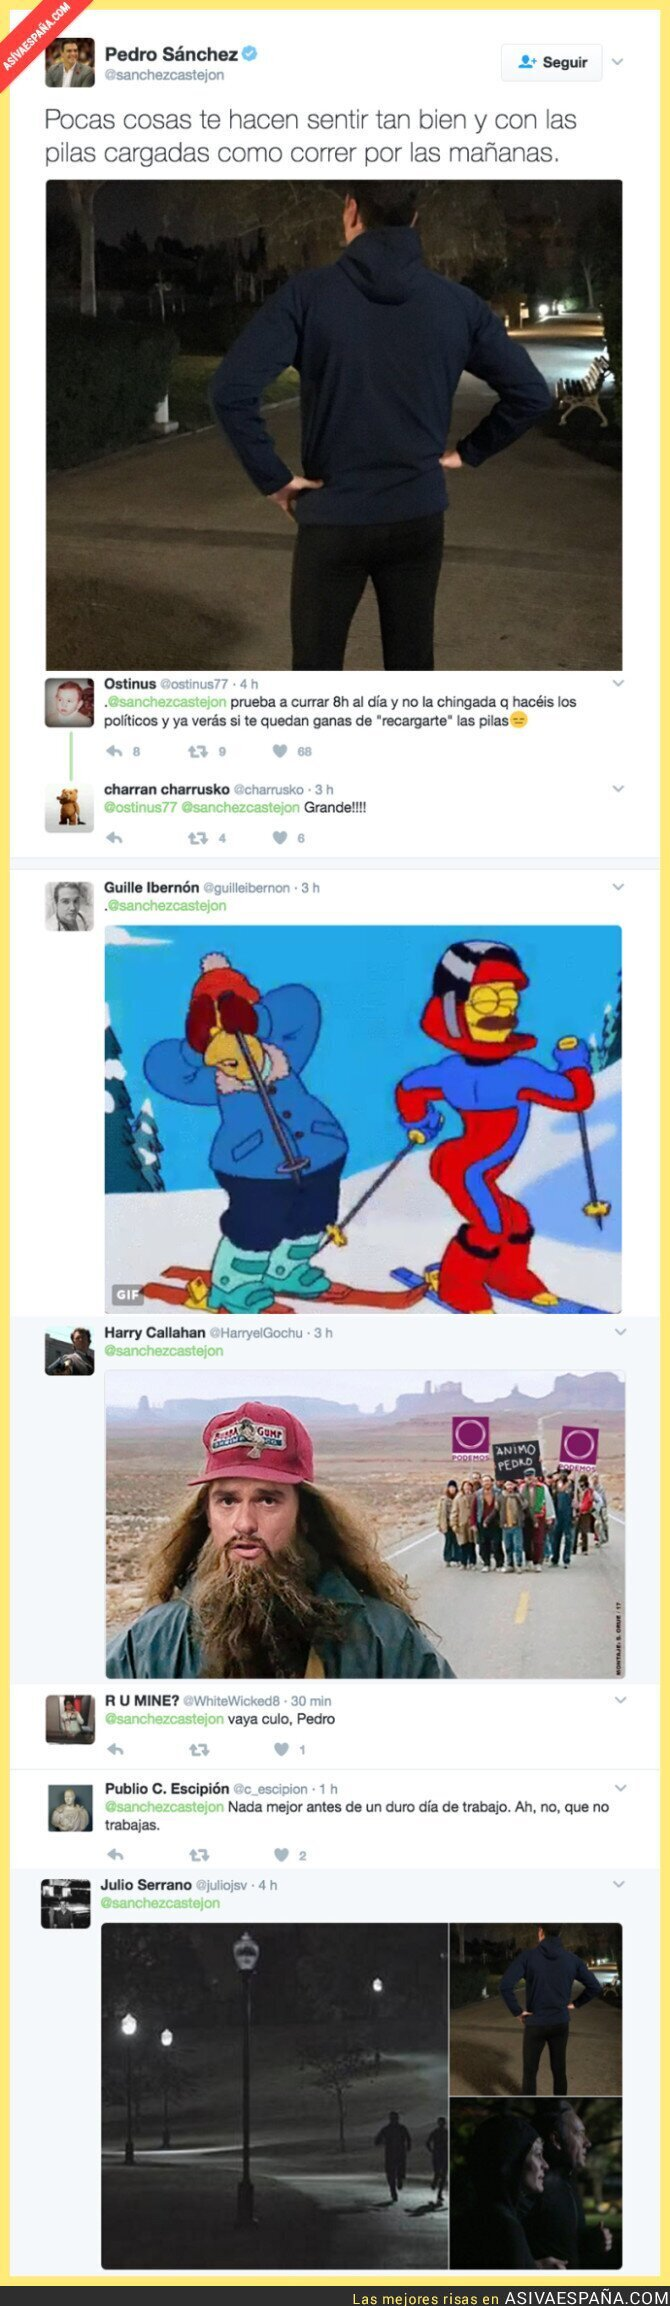 61505 - Pedro Sánchez sale a correr cuando aún es de noche y Twitter enloquece